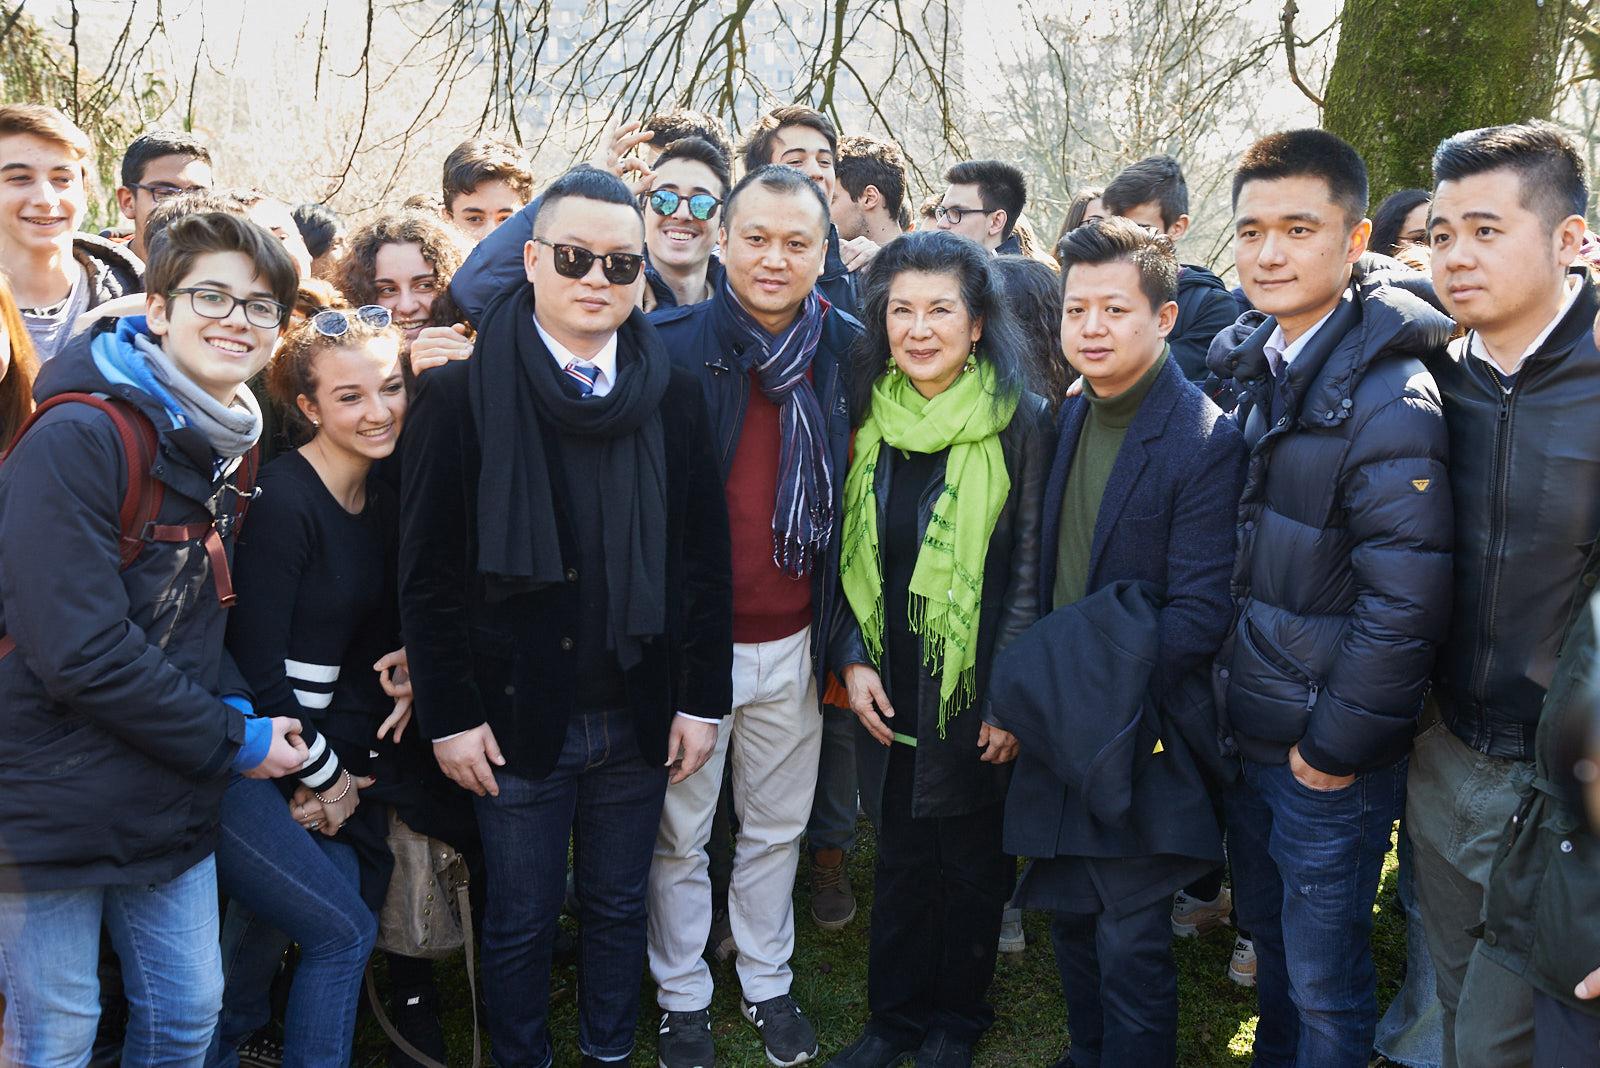 La comunità cinese presente alla cerimonia insieme a Ho Manli